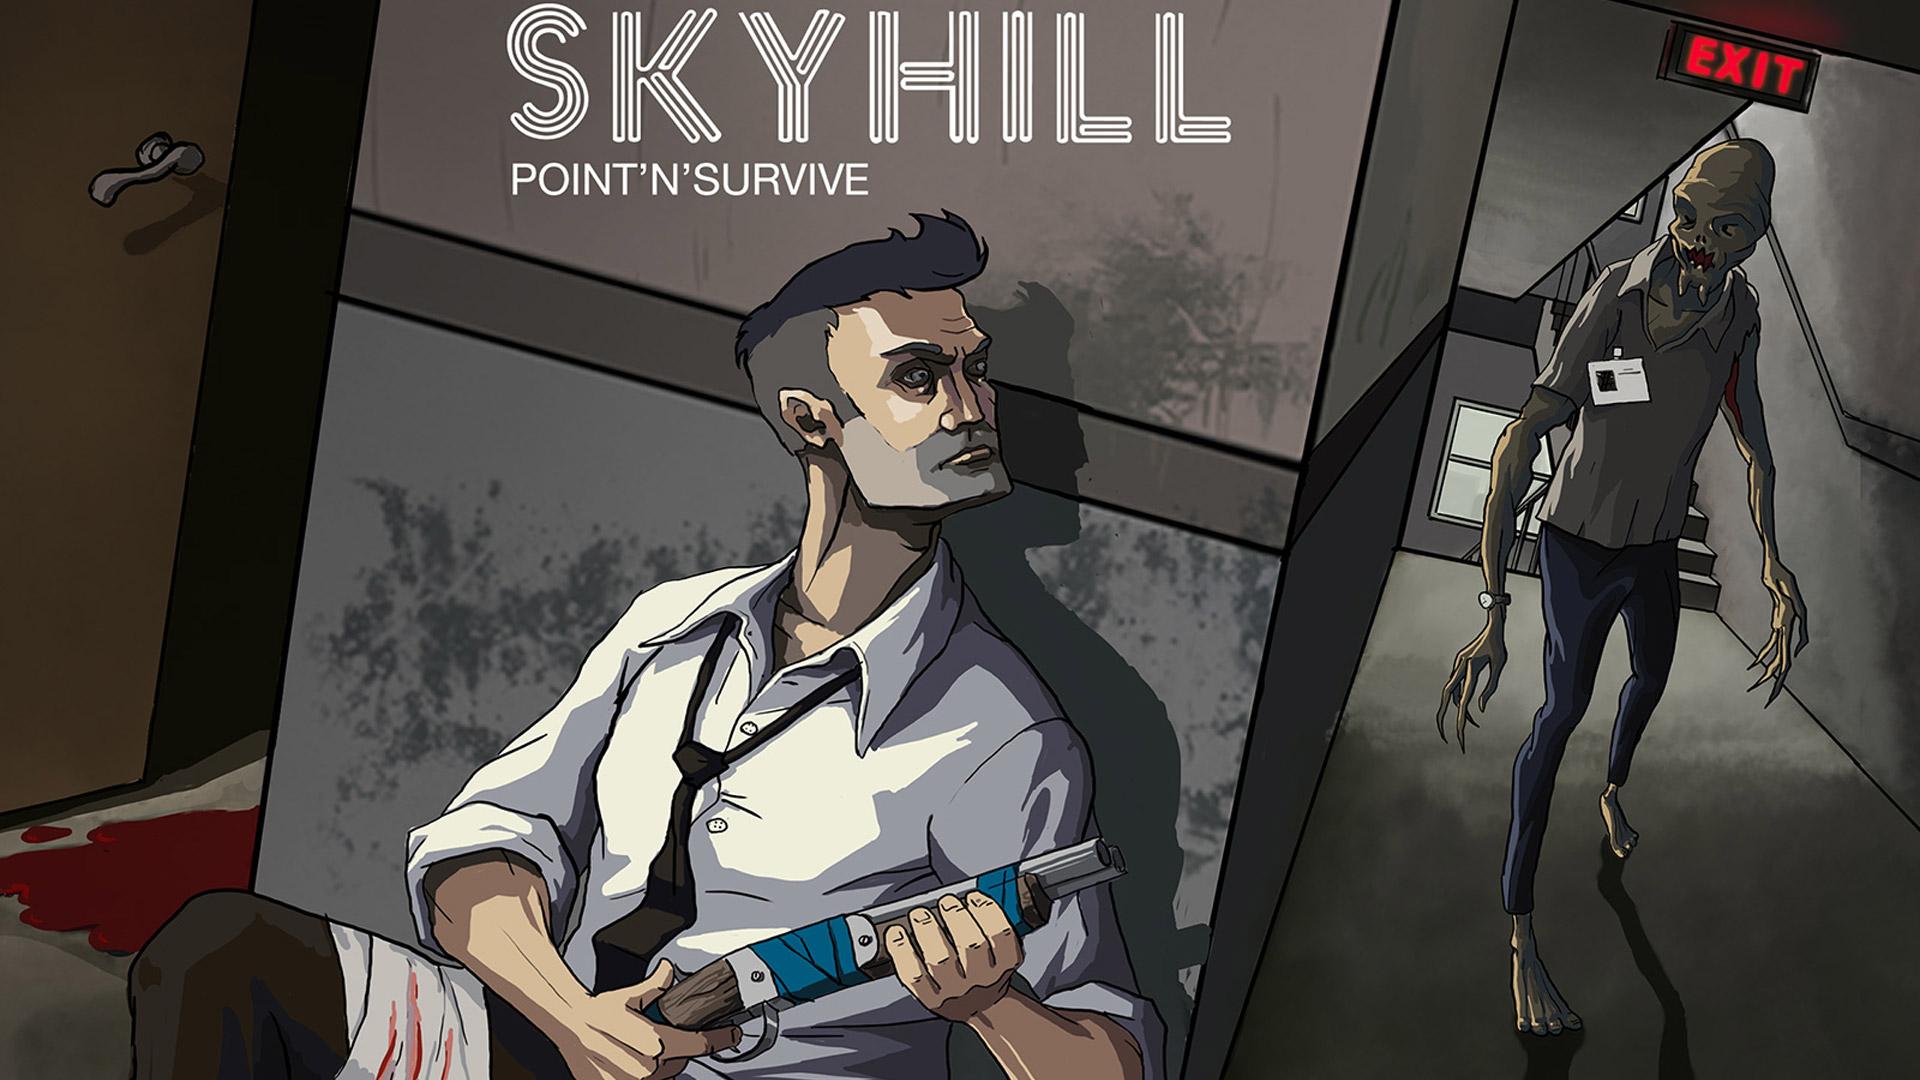 Free Skyhill Wallpaper in 1920x1080